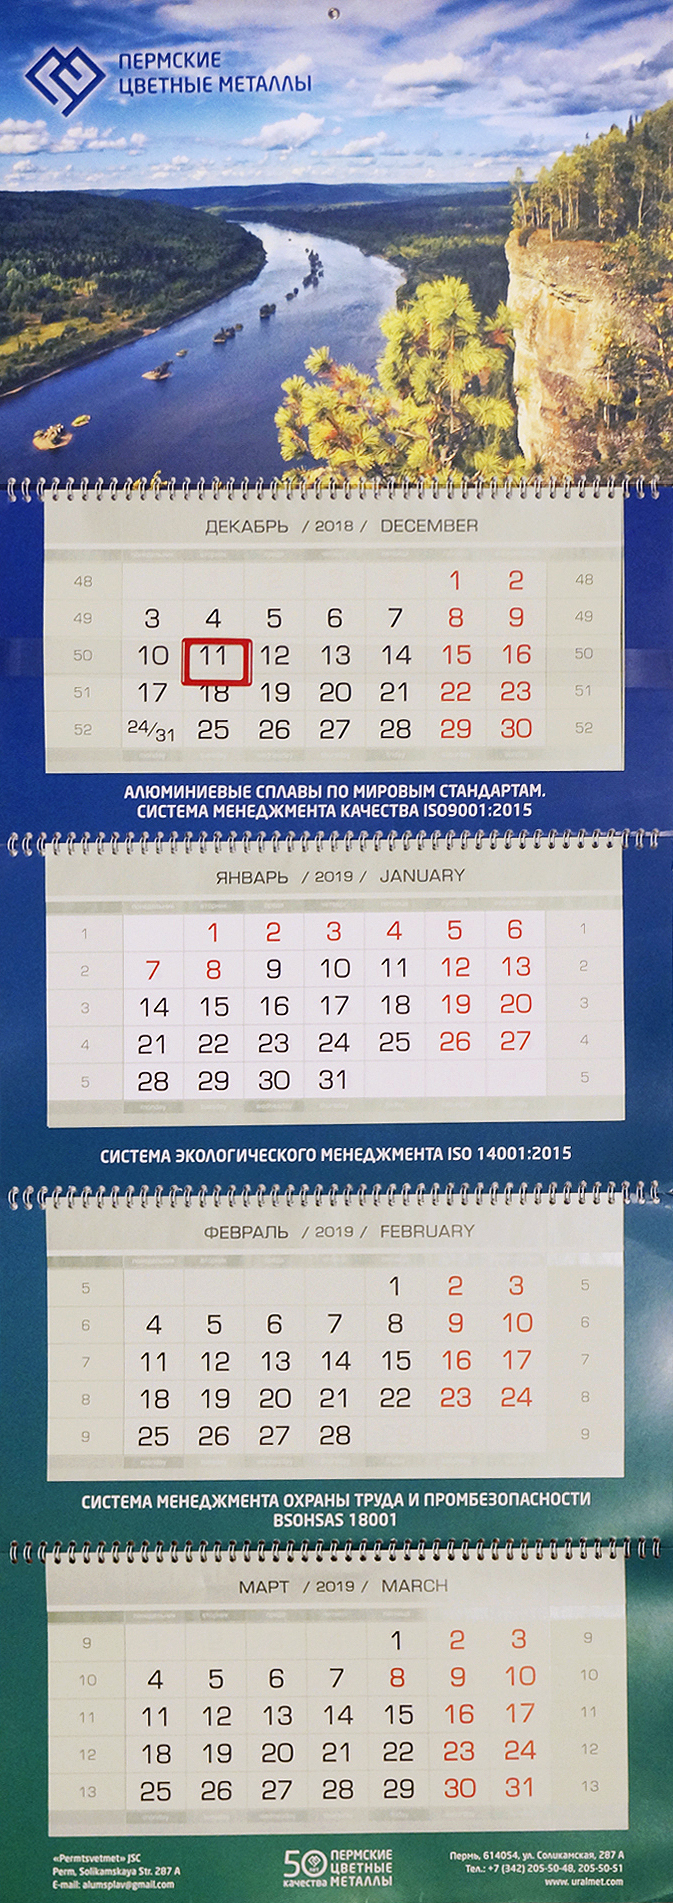 Календарь для компании «Пермские цветные металлы»